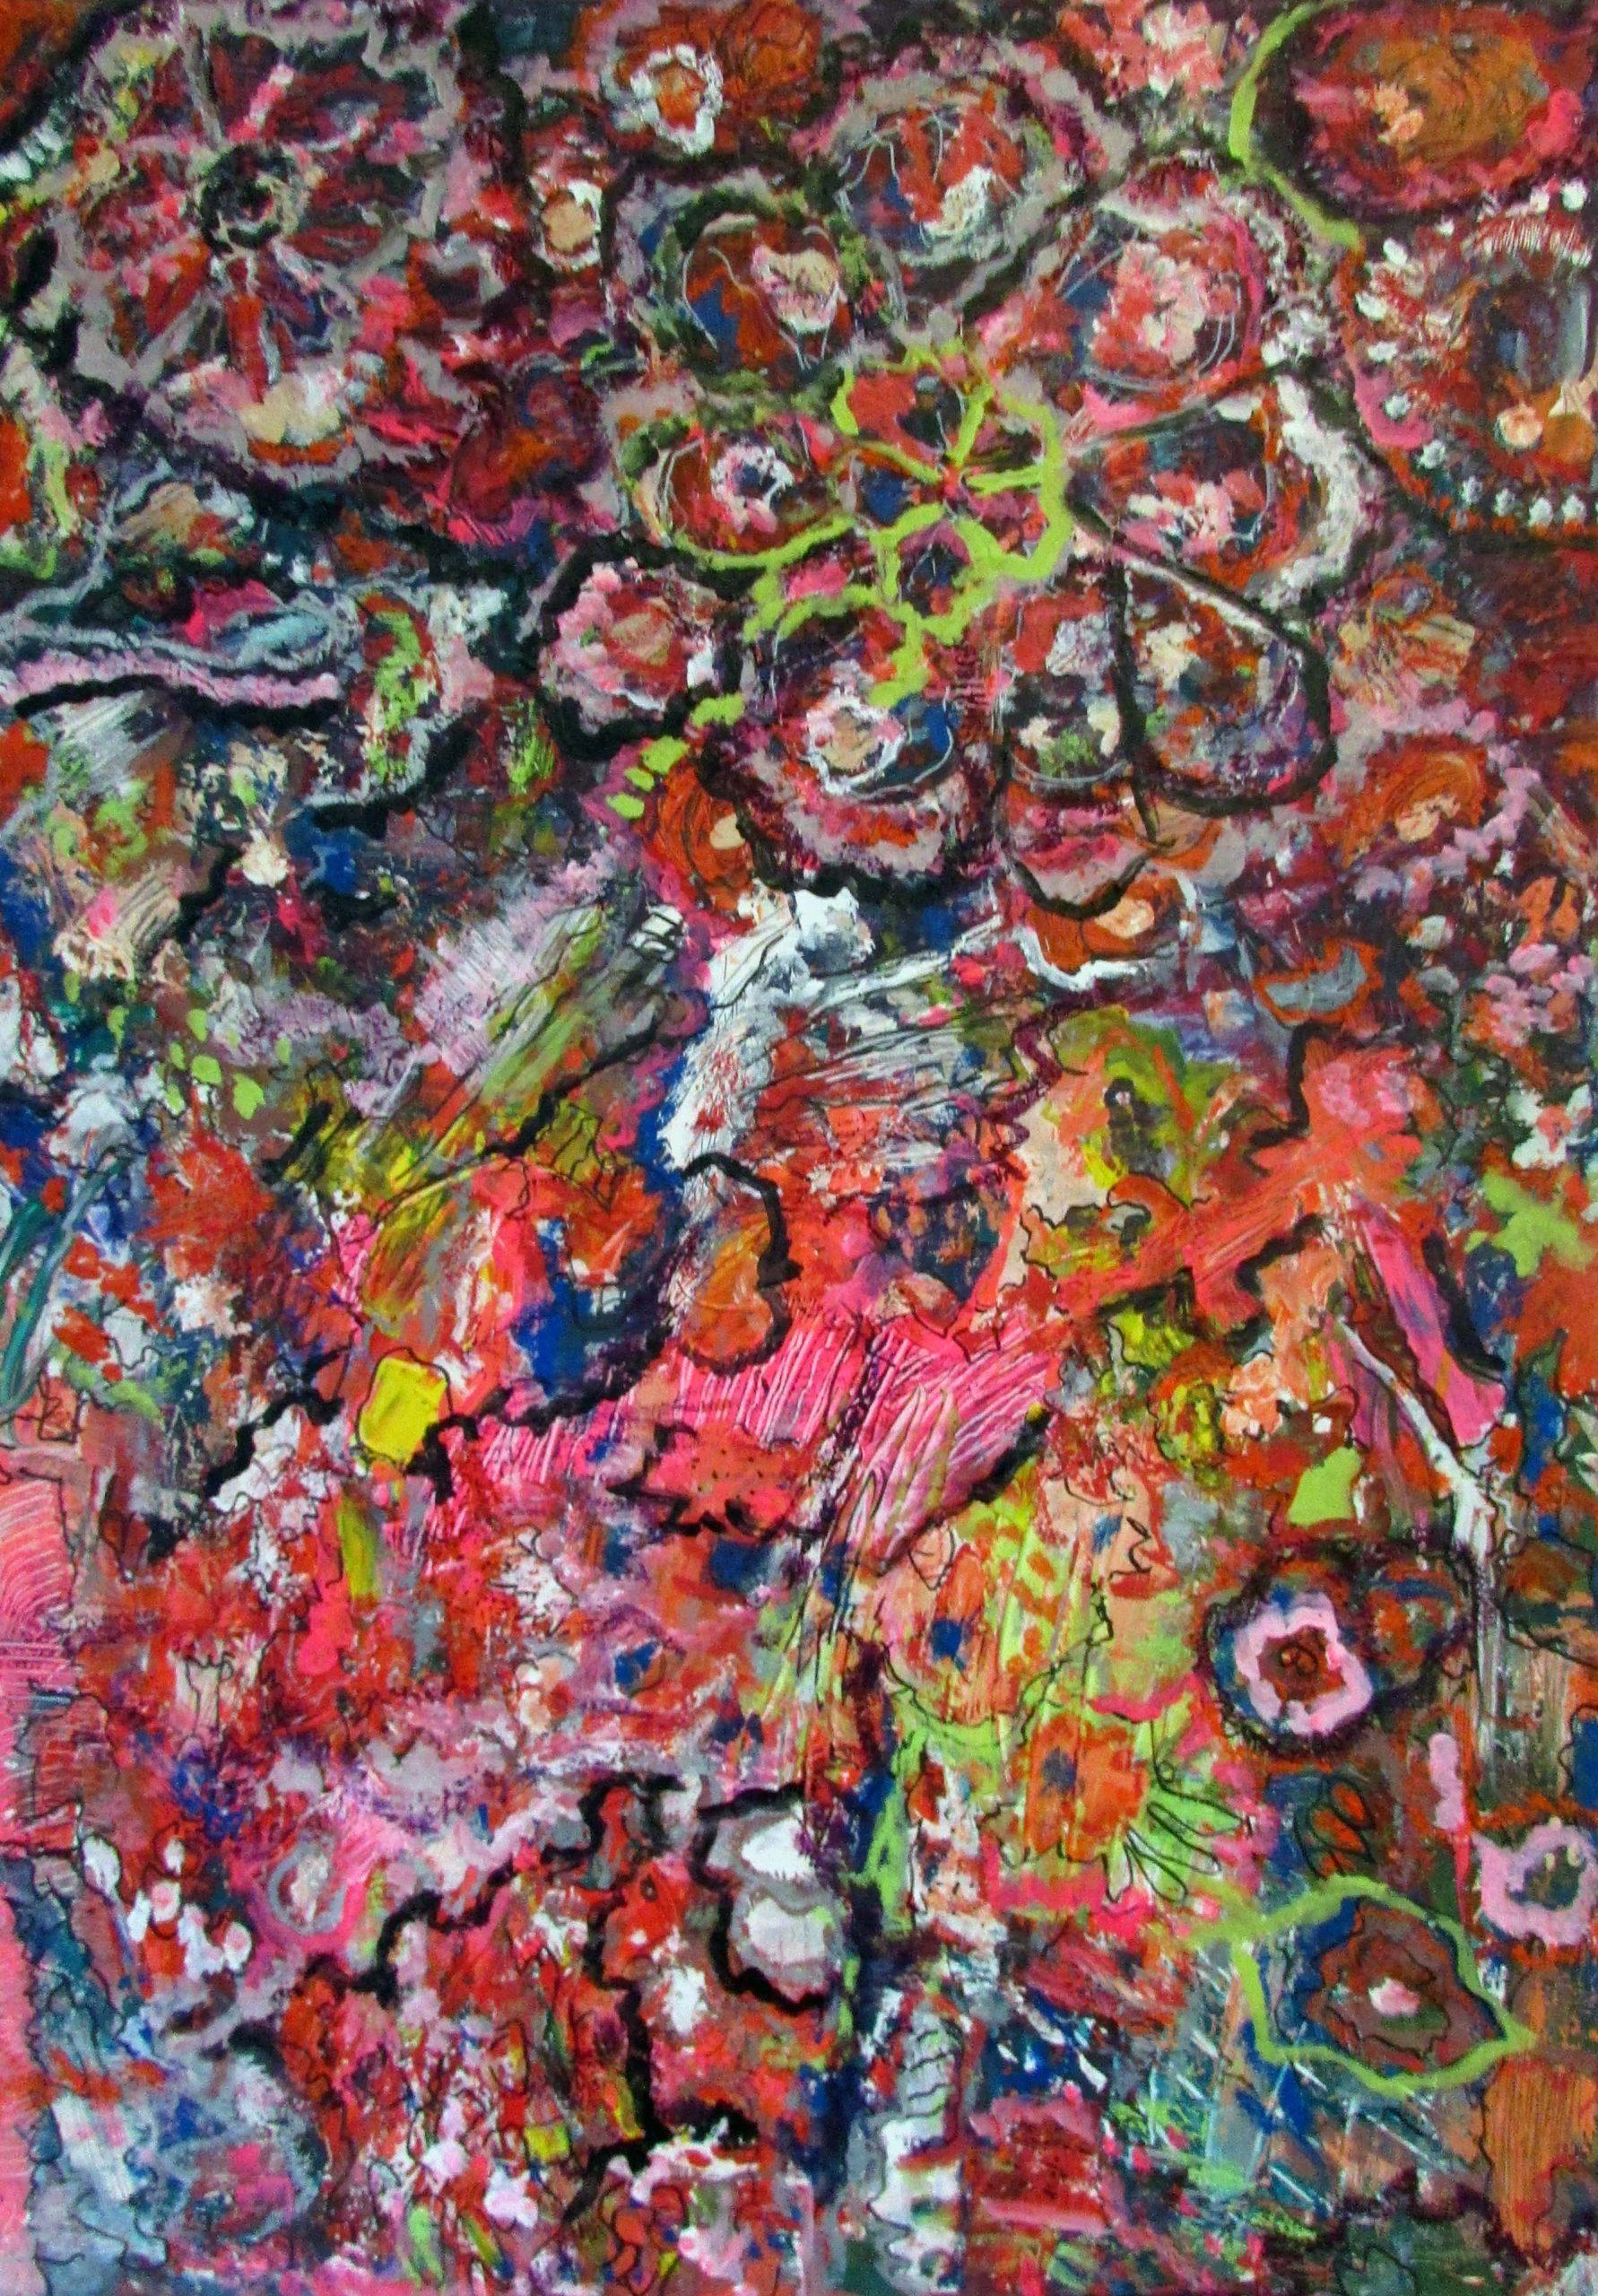 Ursula H. Busch - Mille Fleur